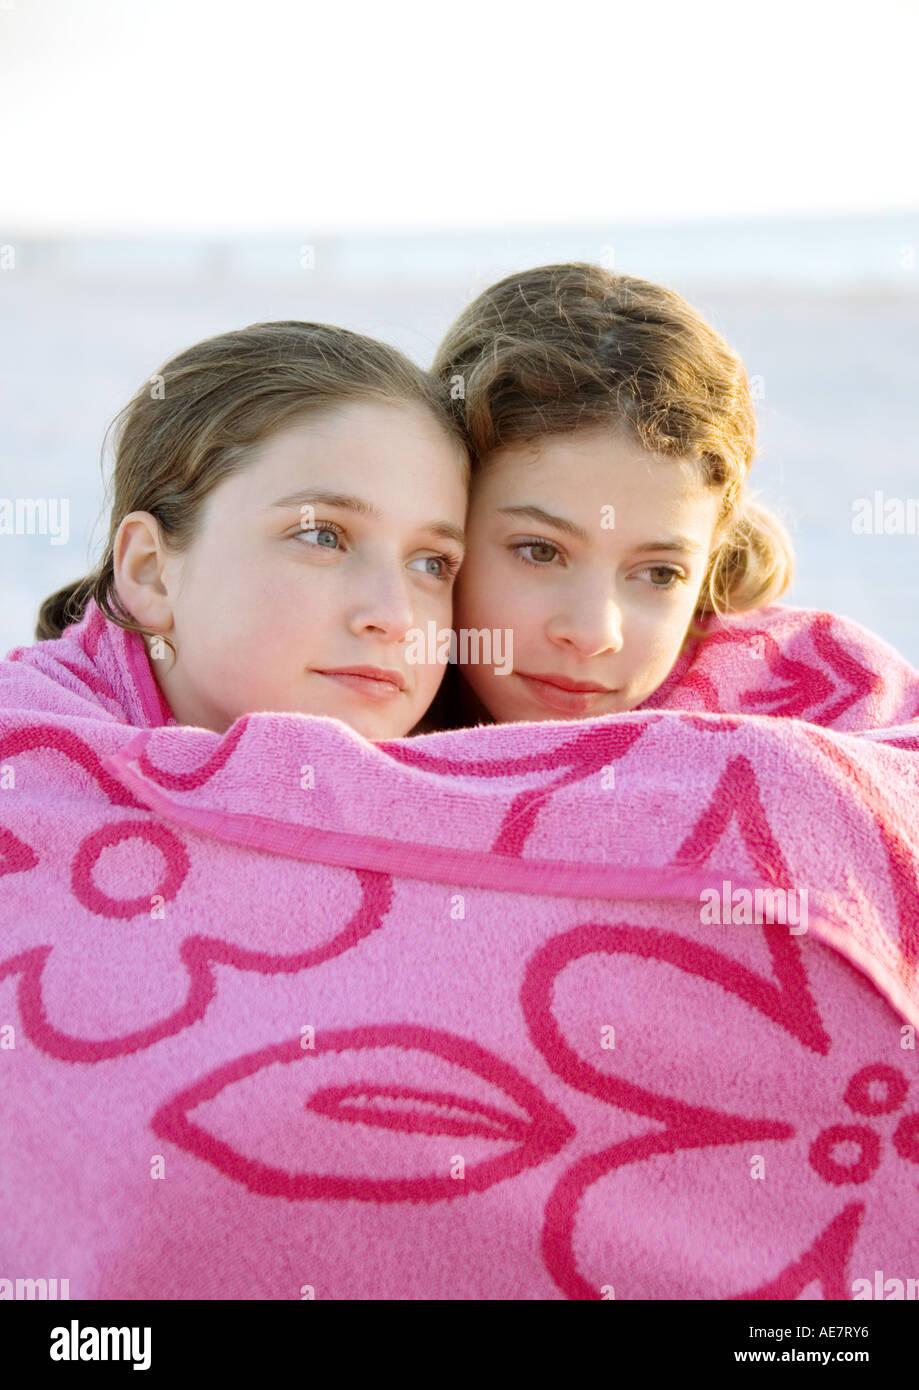 Dos niñas envueltos en una toalla junto Imagen De Stock